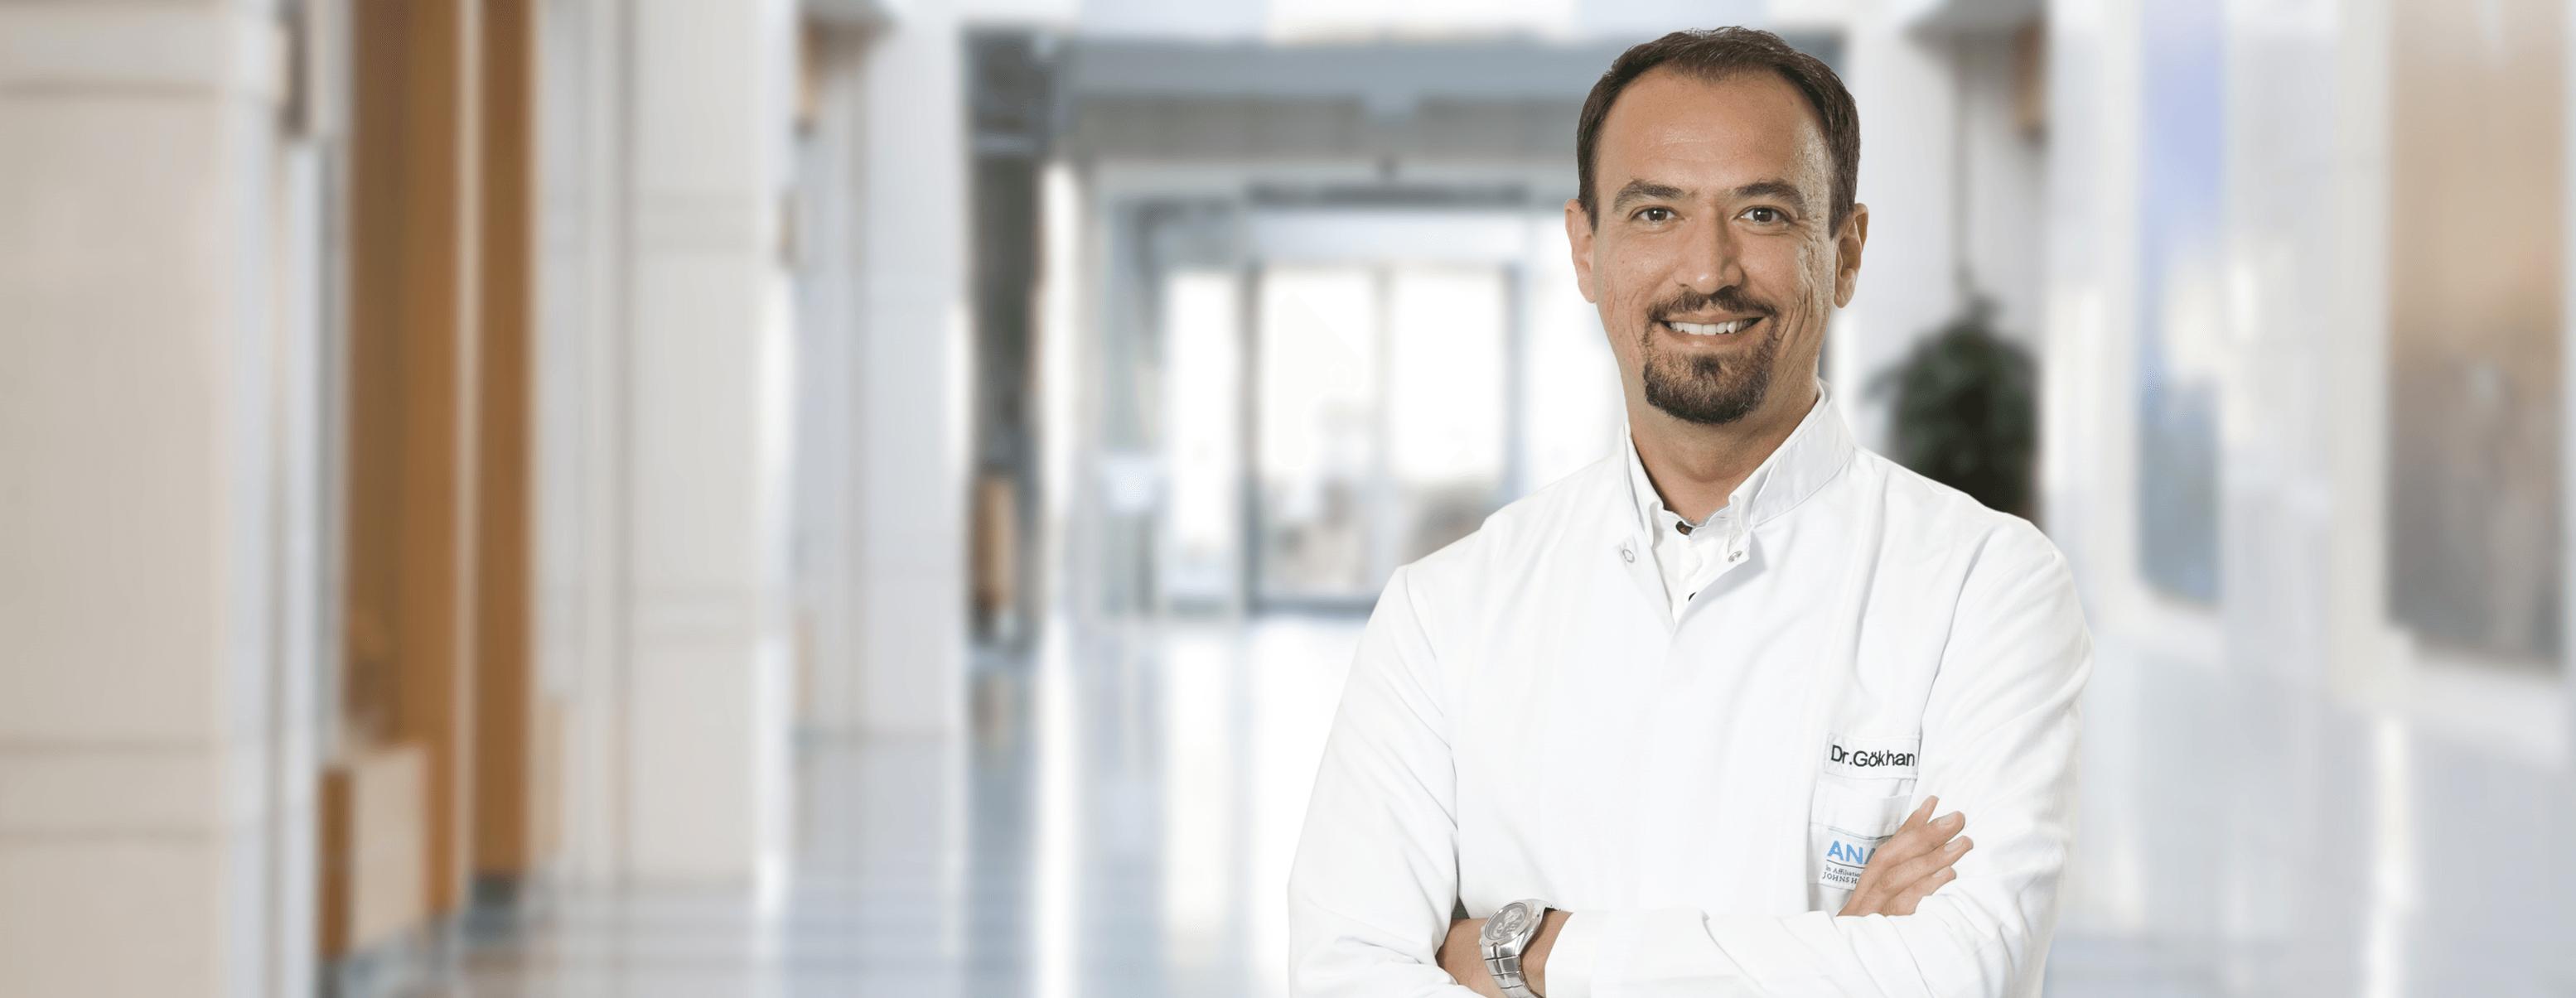 Гёкан Герек — квалифицированная помощь в медицинском центре Anadolu